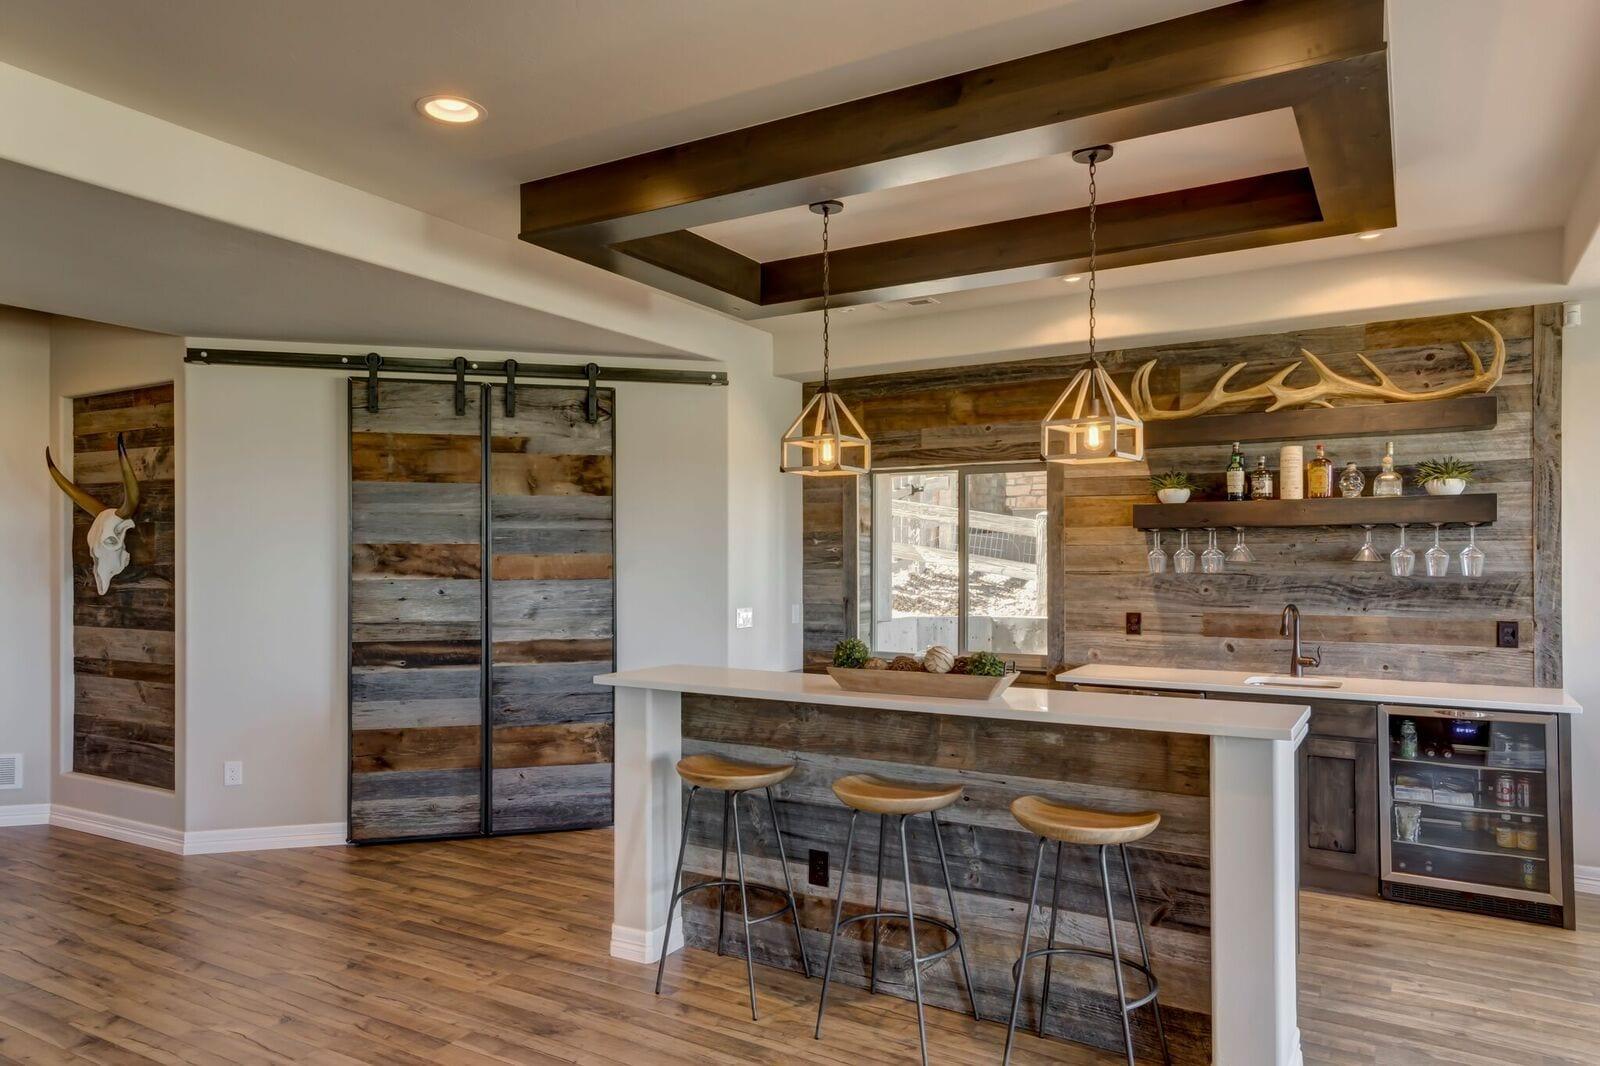 kitchen remodel denver co | fbc remodel